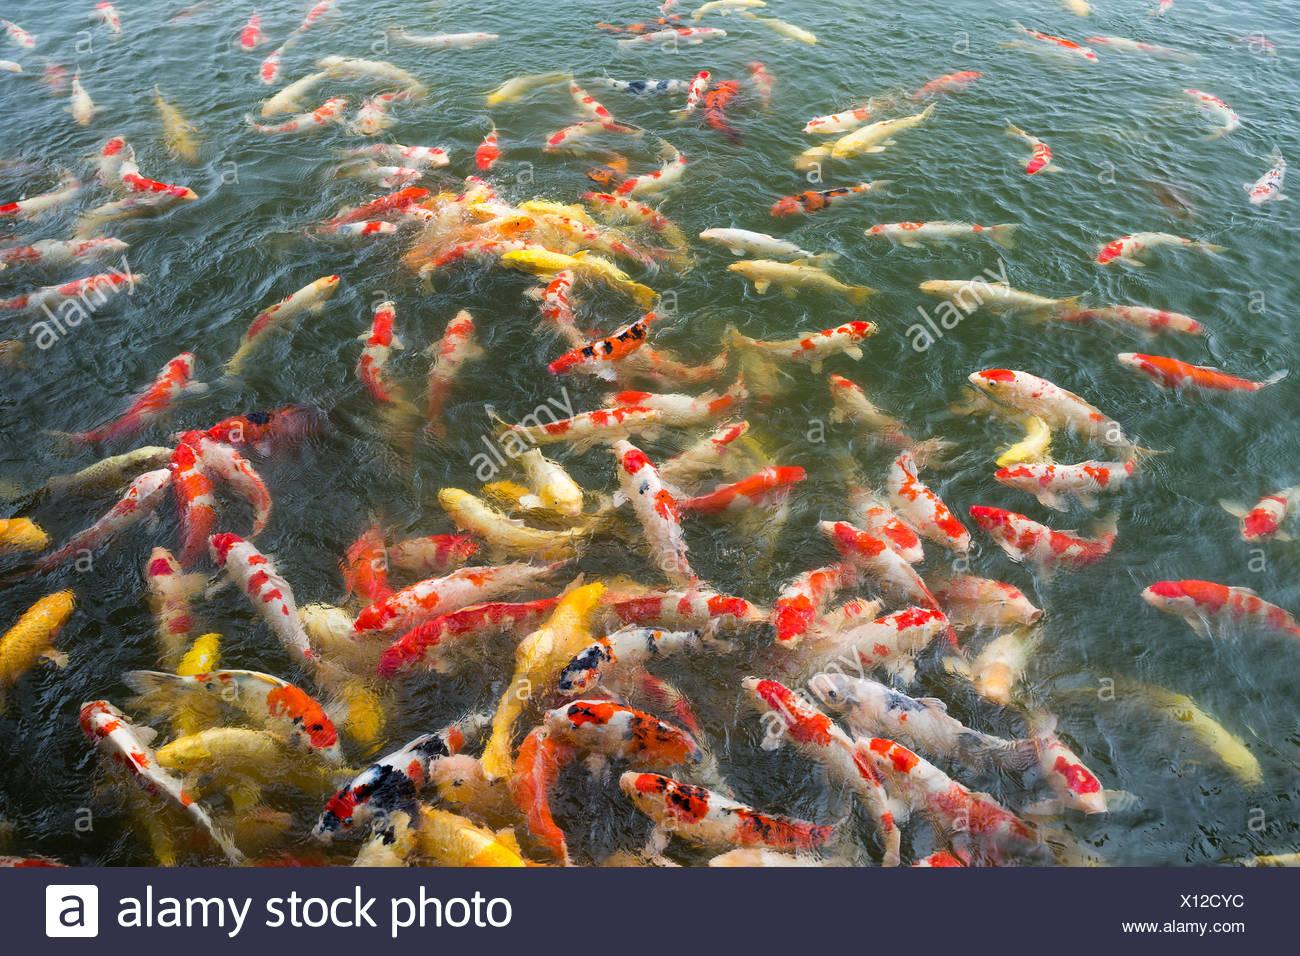 Pet Gold Fish Stock Photos Amp Pet Gold Fish Stock Images